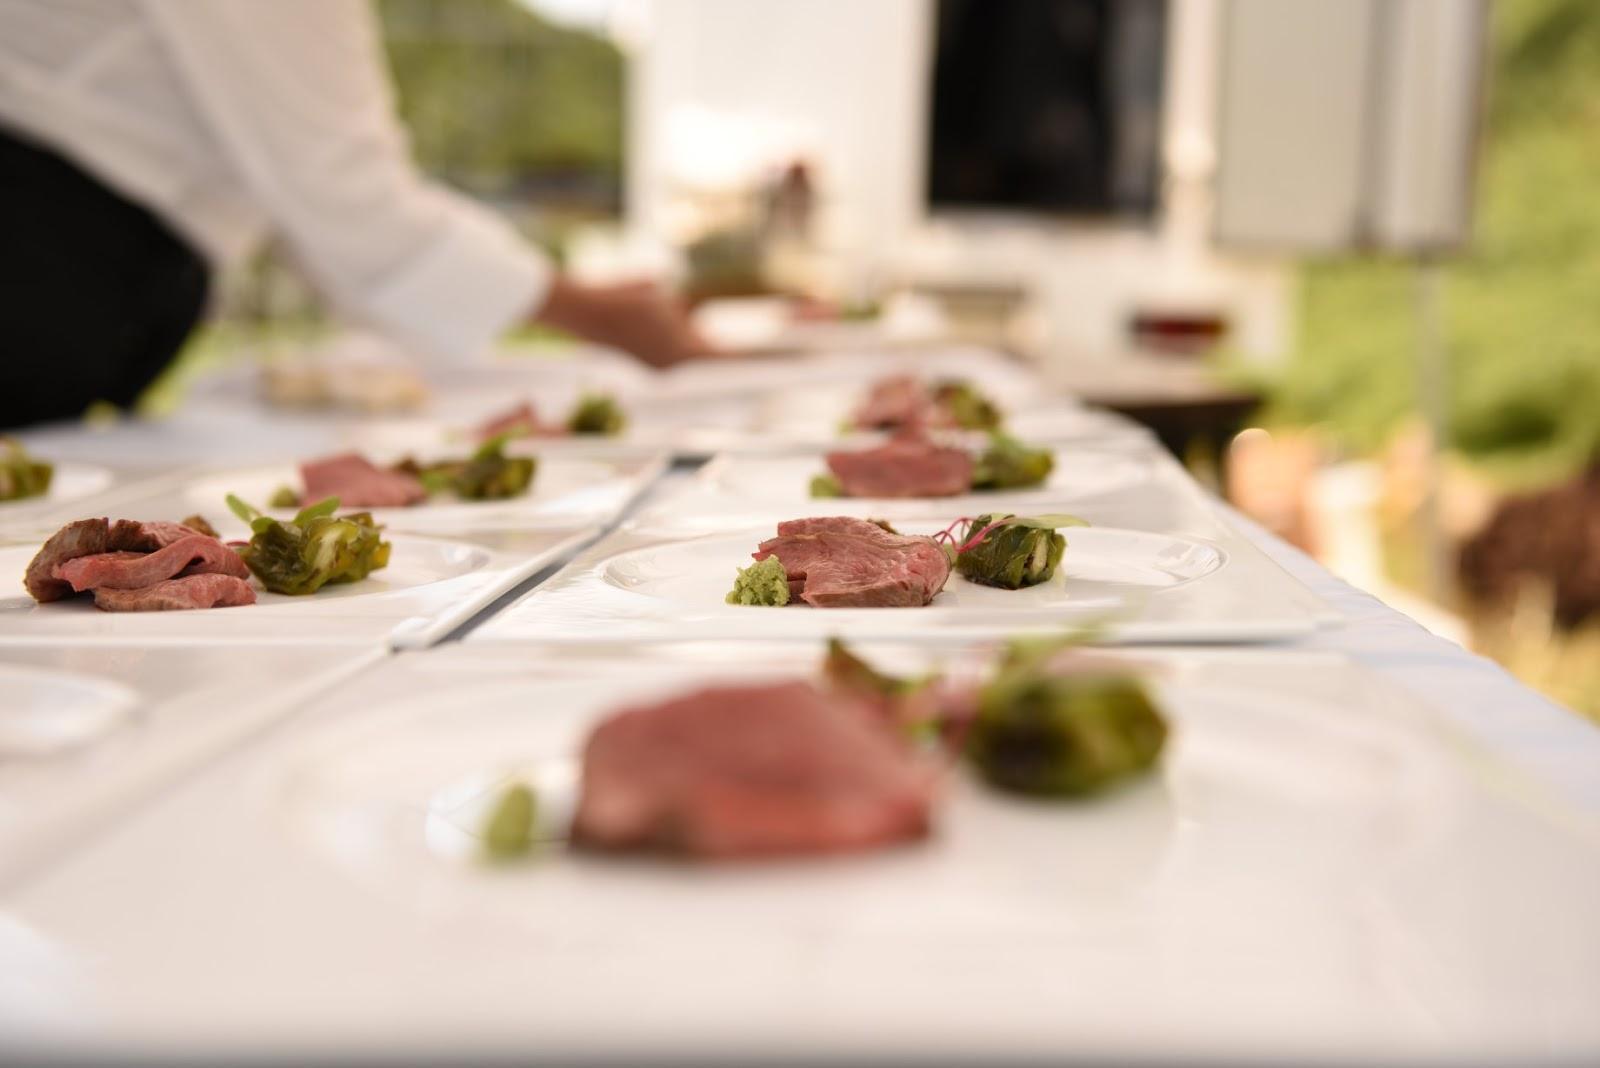 画像に含まれている可能性があるもの:テーブル、食べ物